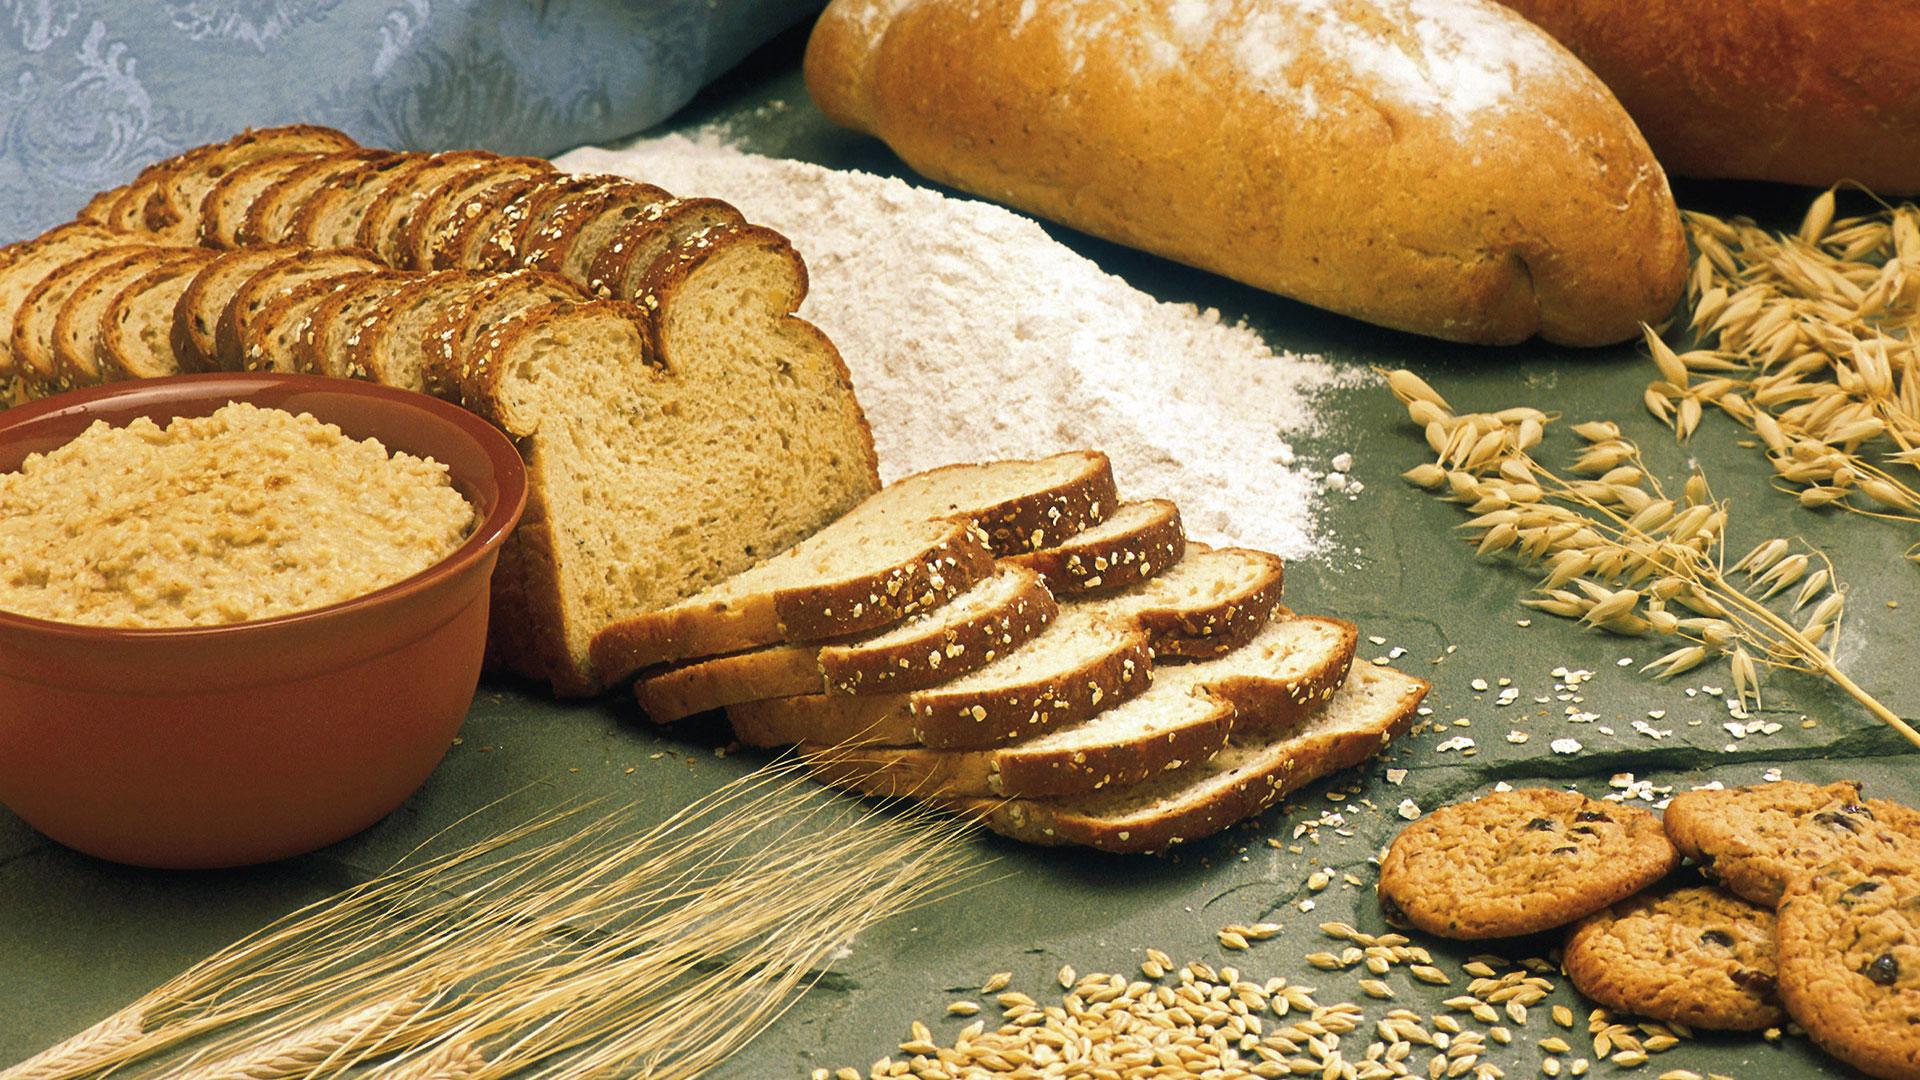 Fietsen met glutenintolerantie: zoektocht naar de juiste voeding